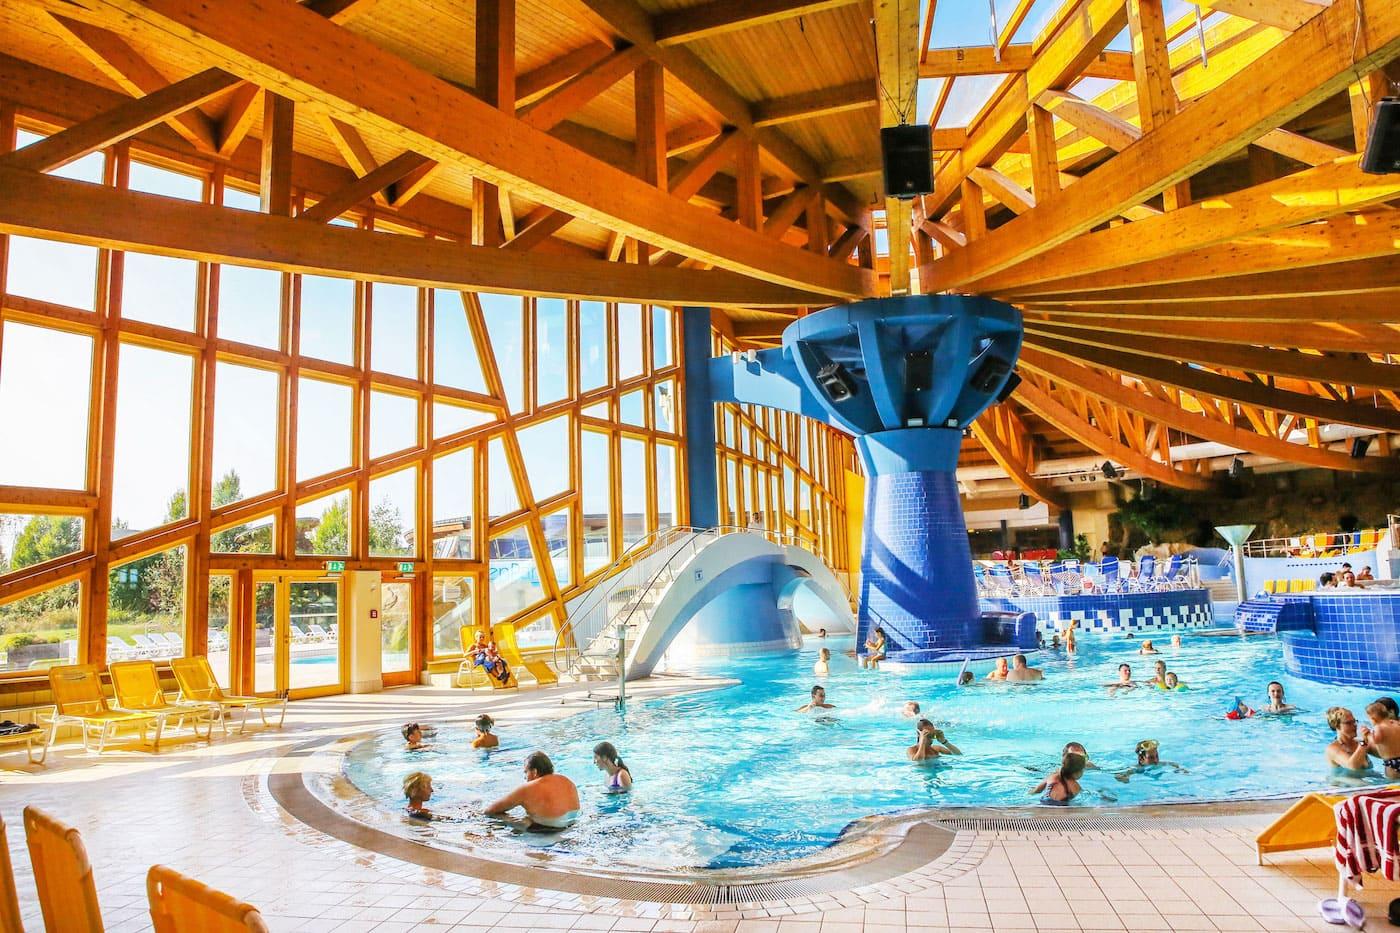 Spaßbad in Brandenburg: Naturtherme Templin // HIMBEER